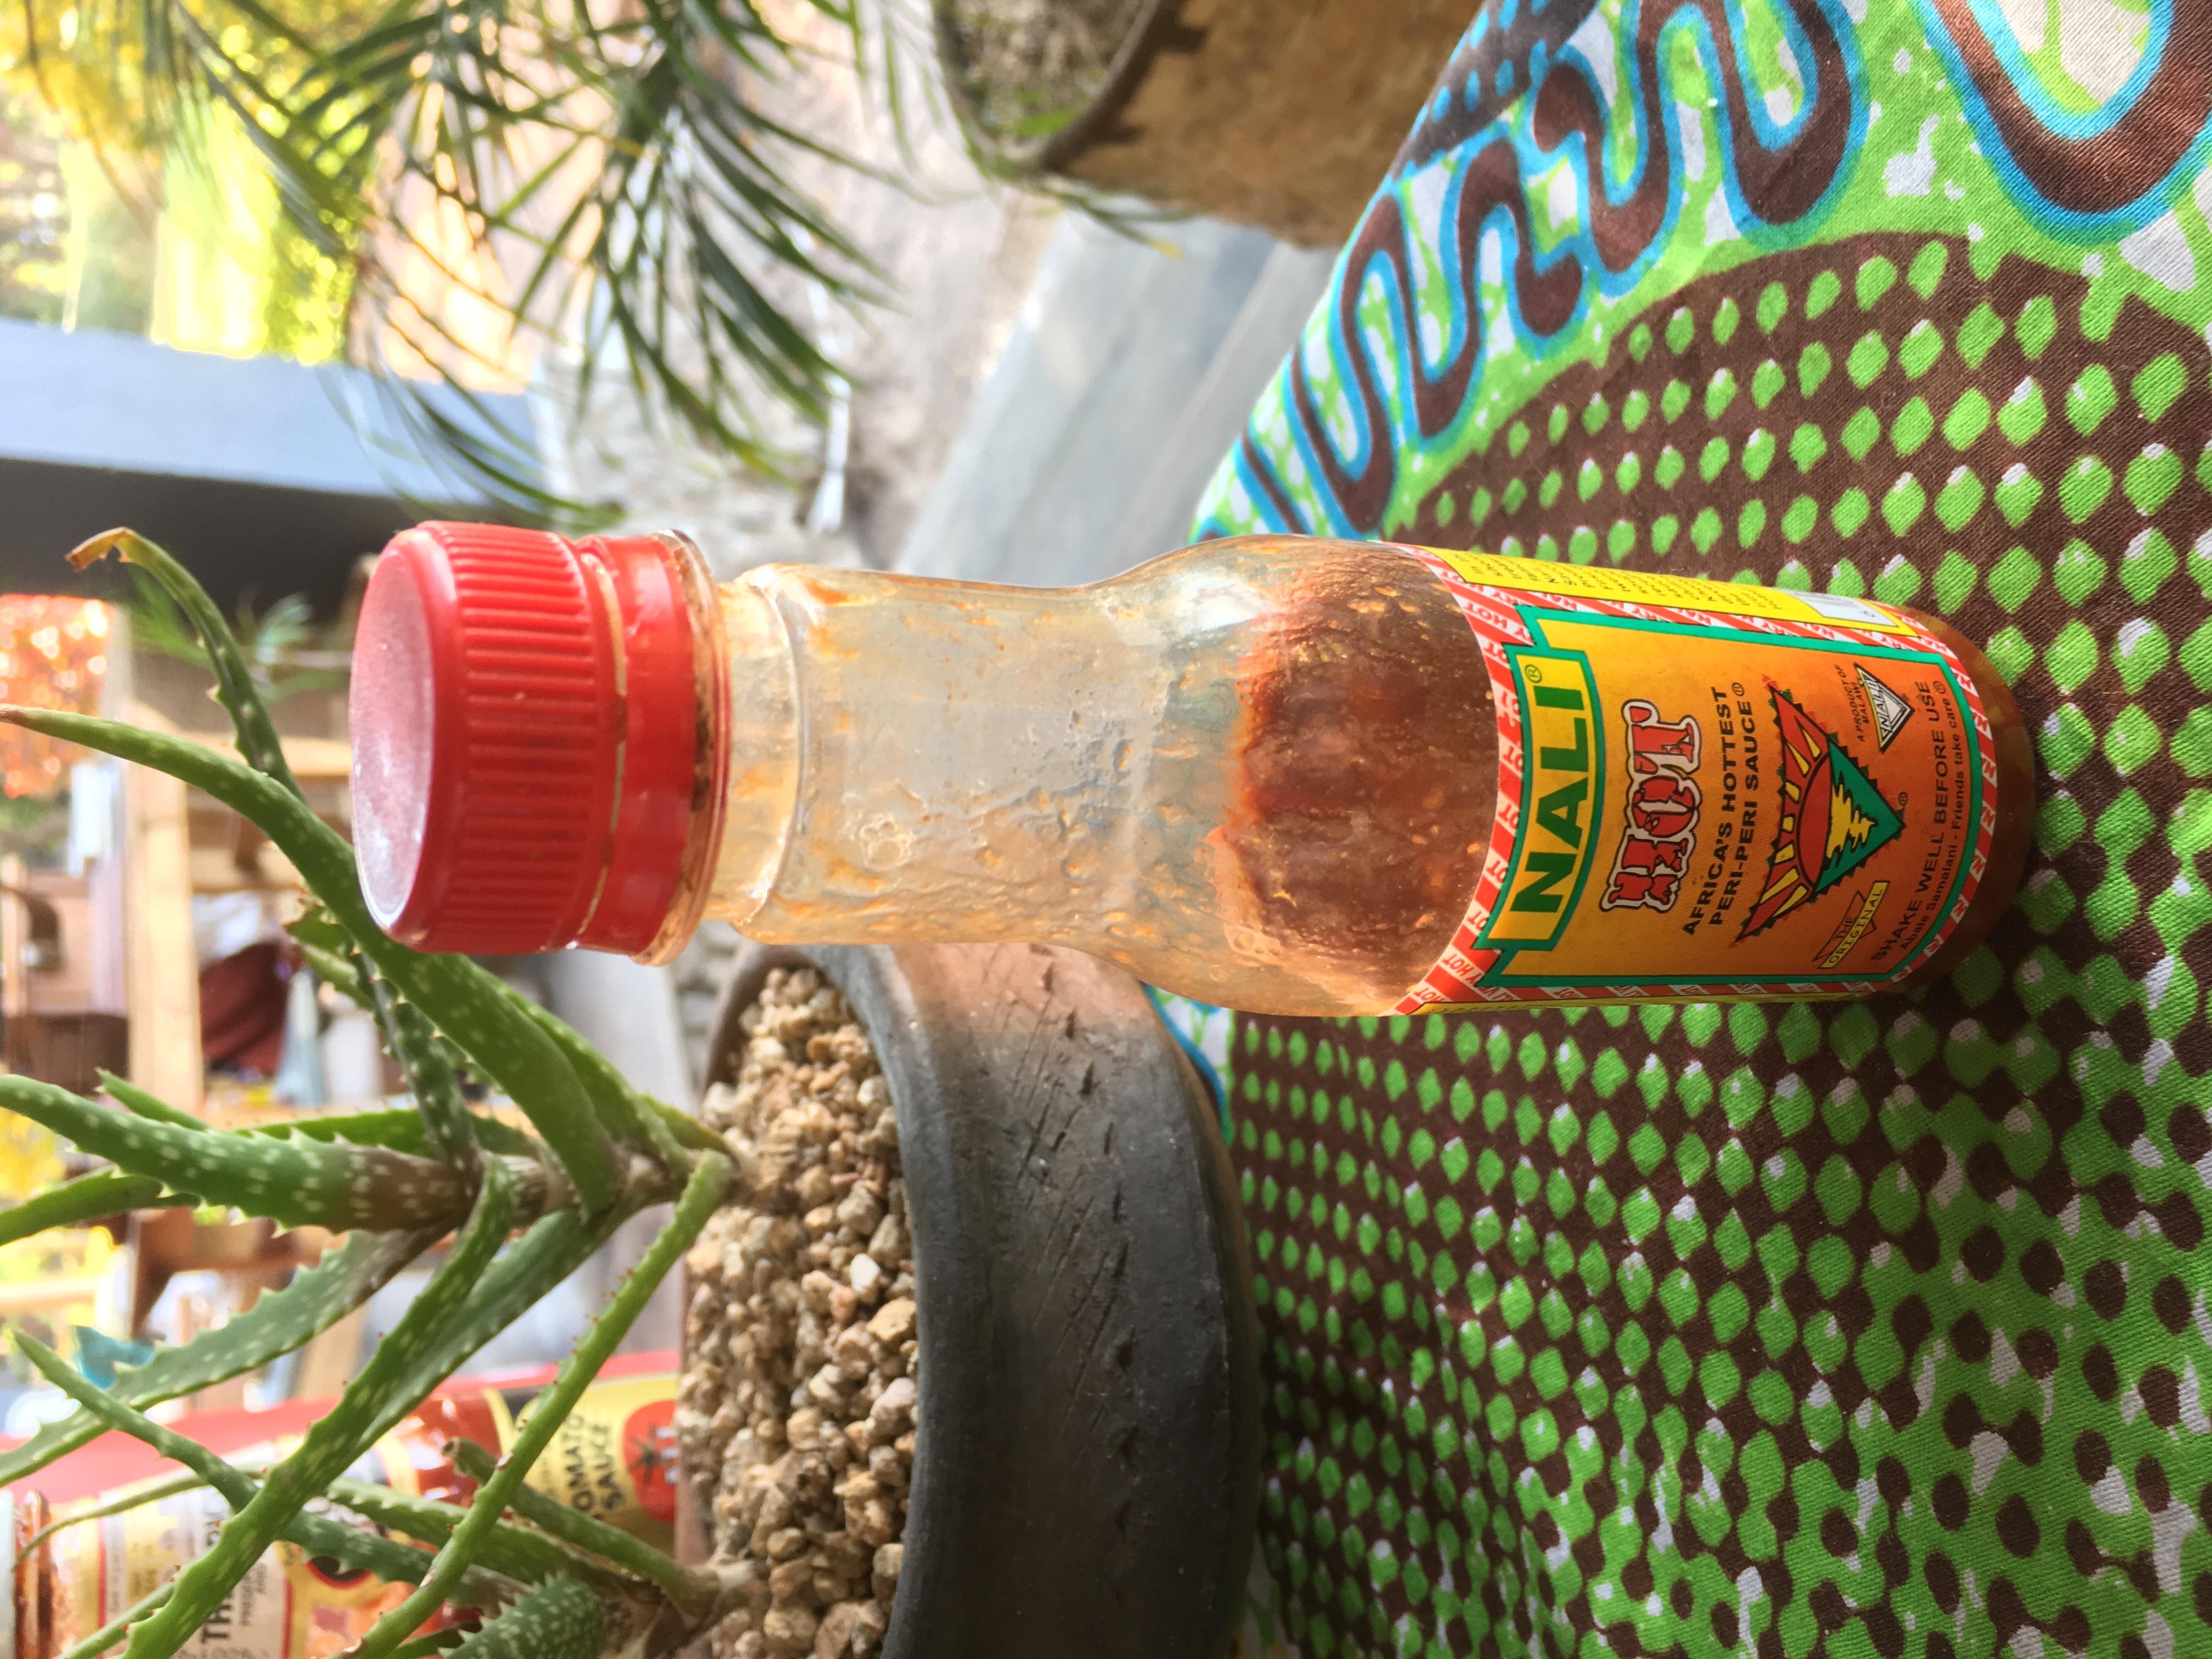 Nali Sauce - Wikipedia